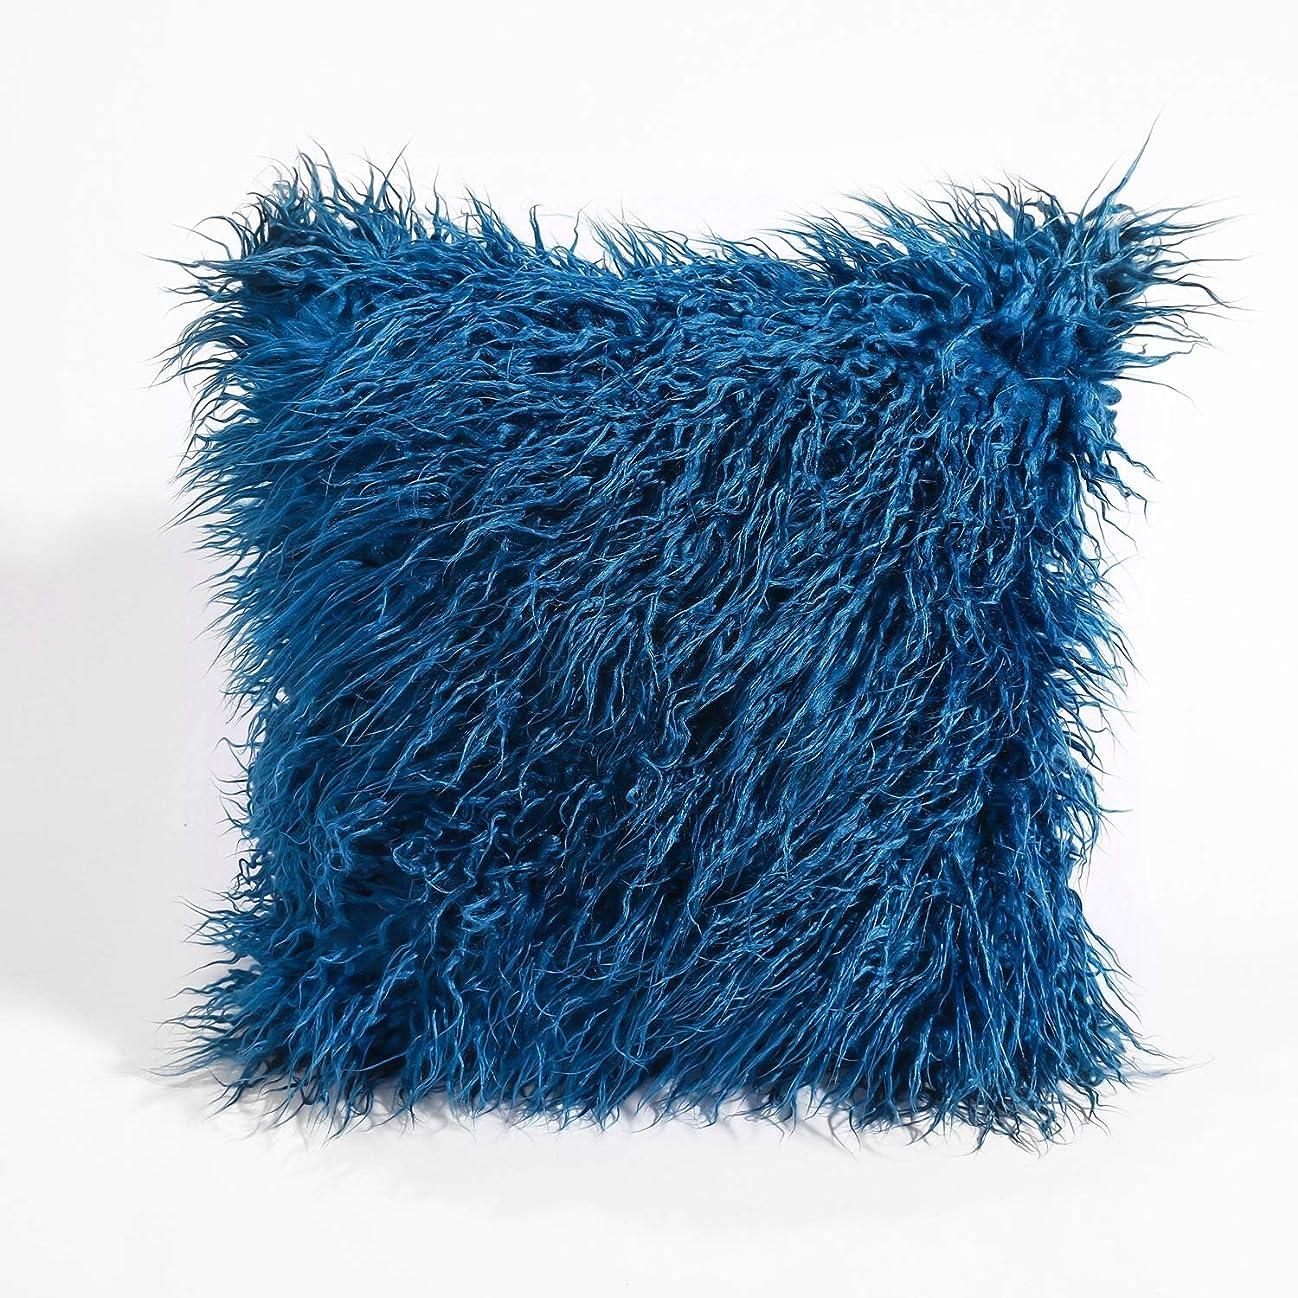 社員パワーセル無秩序LVESHOP 装飾的な新しい高級シリーズメリノスタイルブラックフェイクファースローピローケースクッションカバー(5パック) (色 : 青, Size : 5 pack)